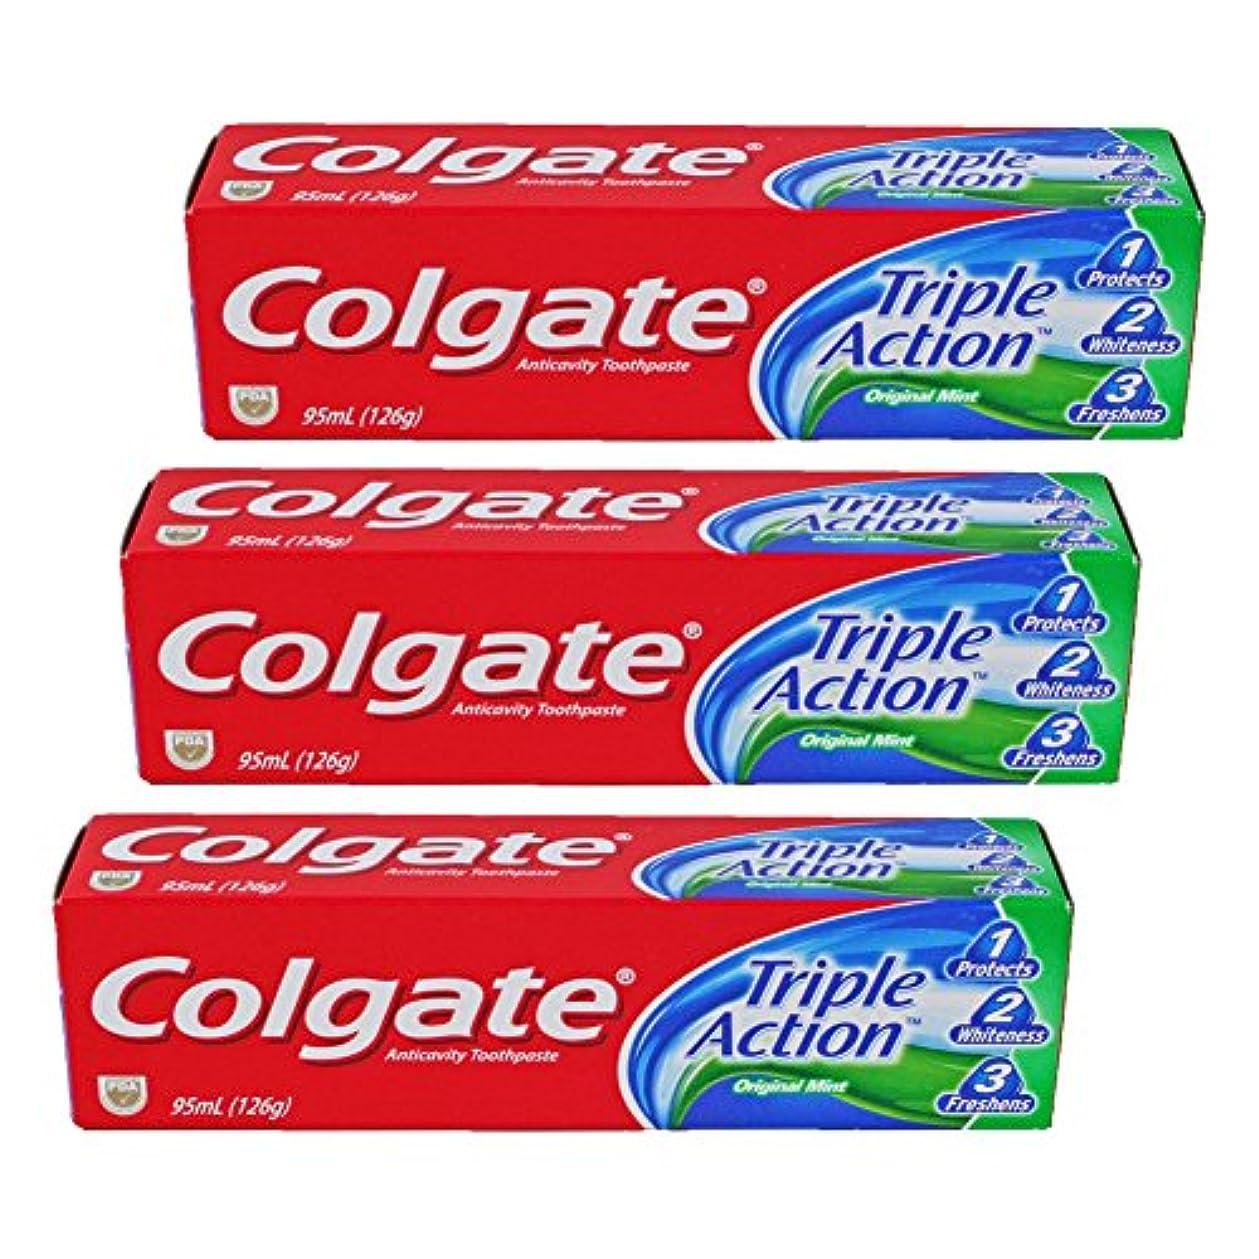 飢えひまわりを通してコルゲート Colgate Triple Action (95mL)126g 3個セット [並行輸入品]